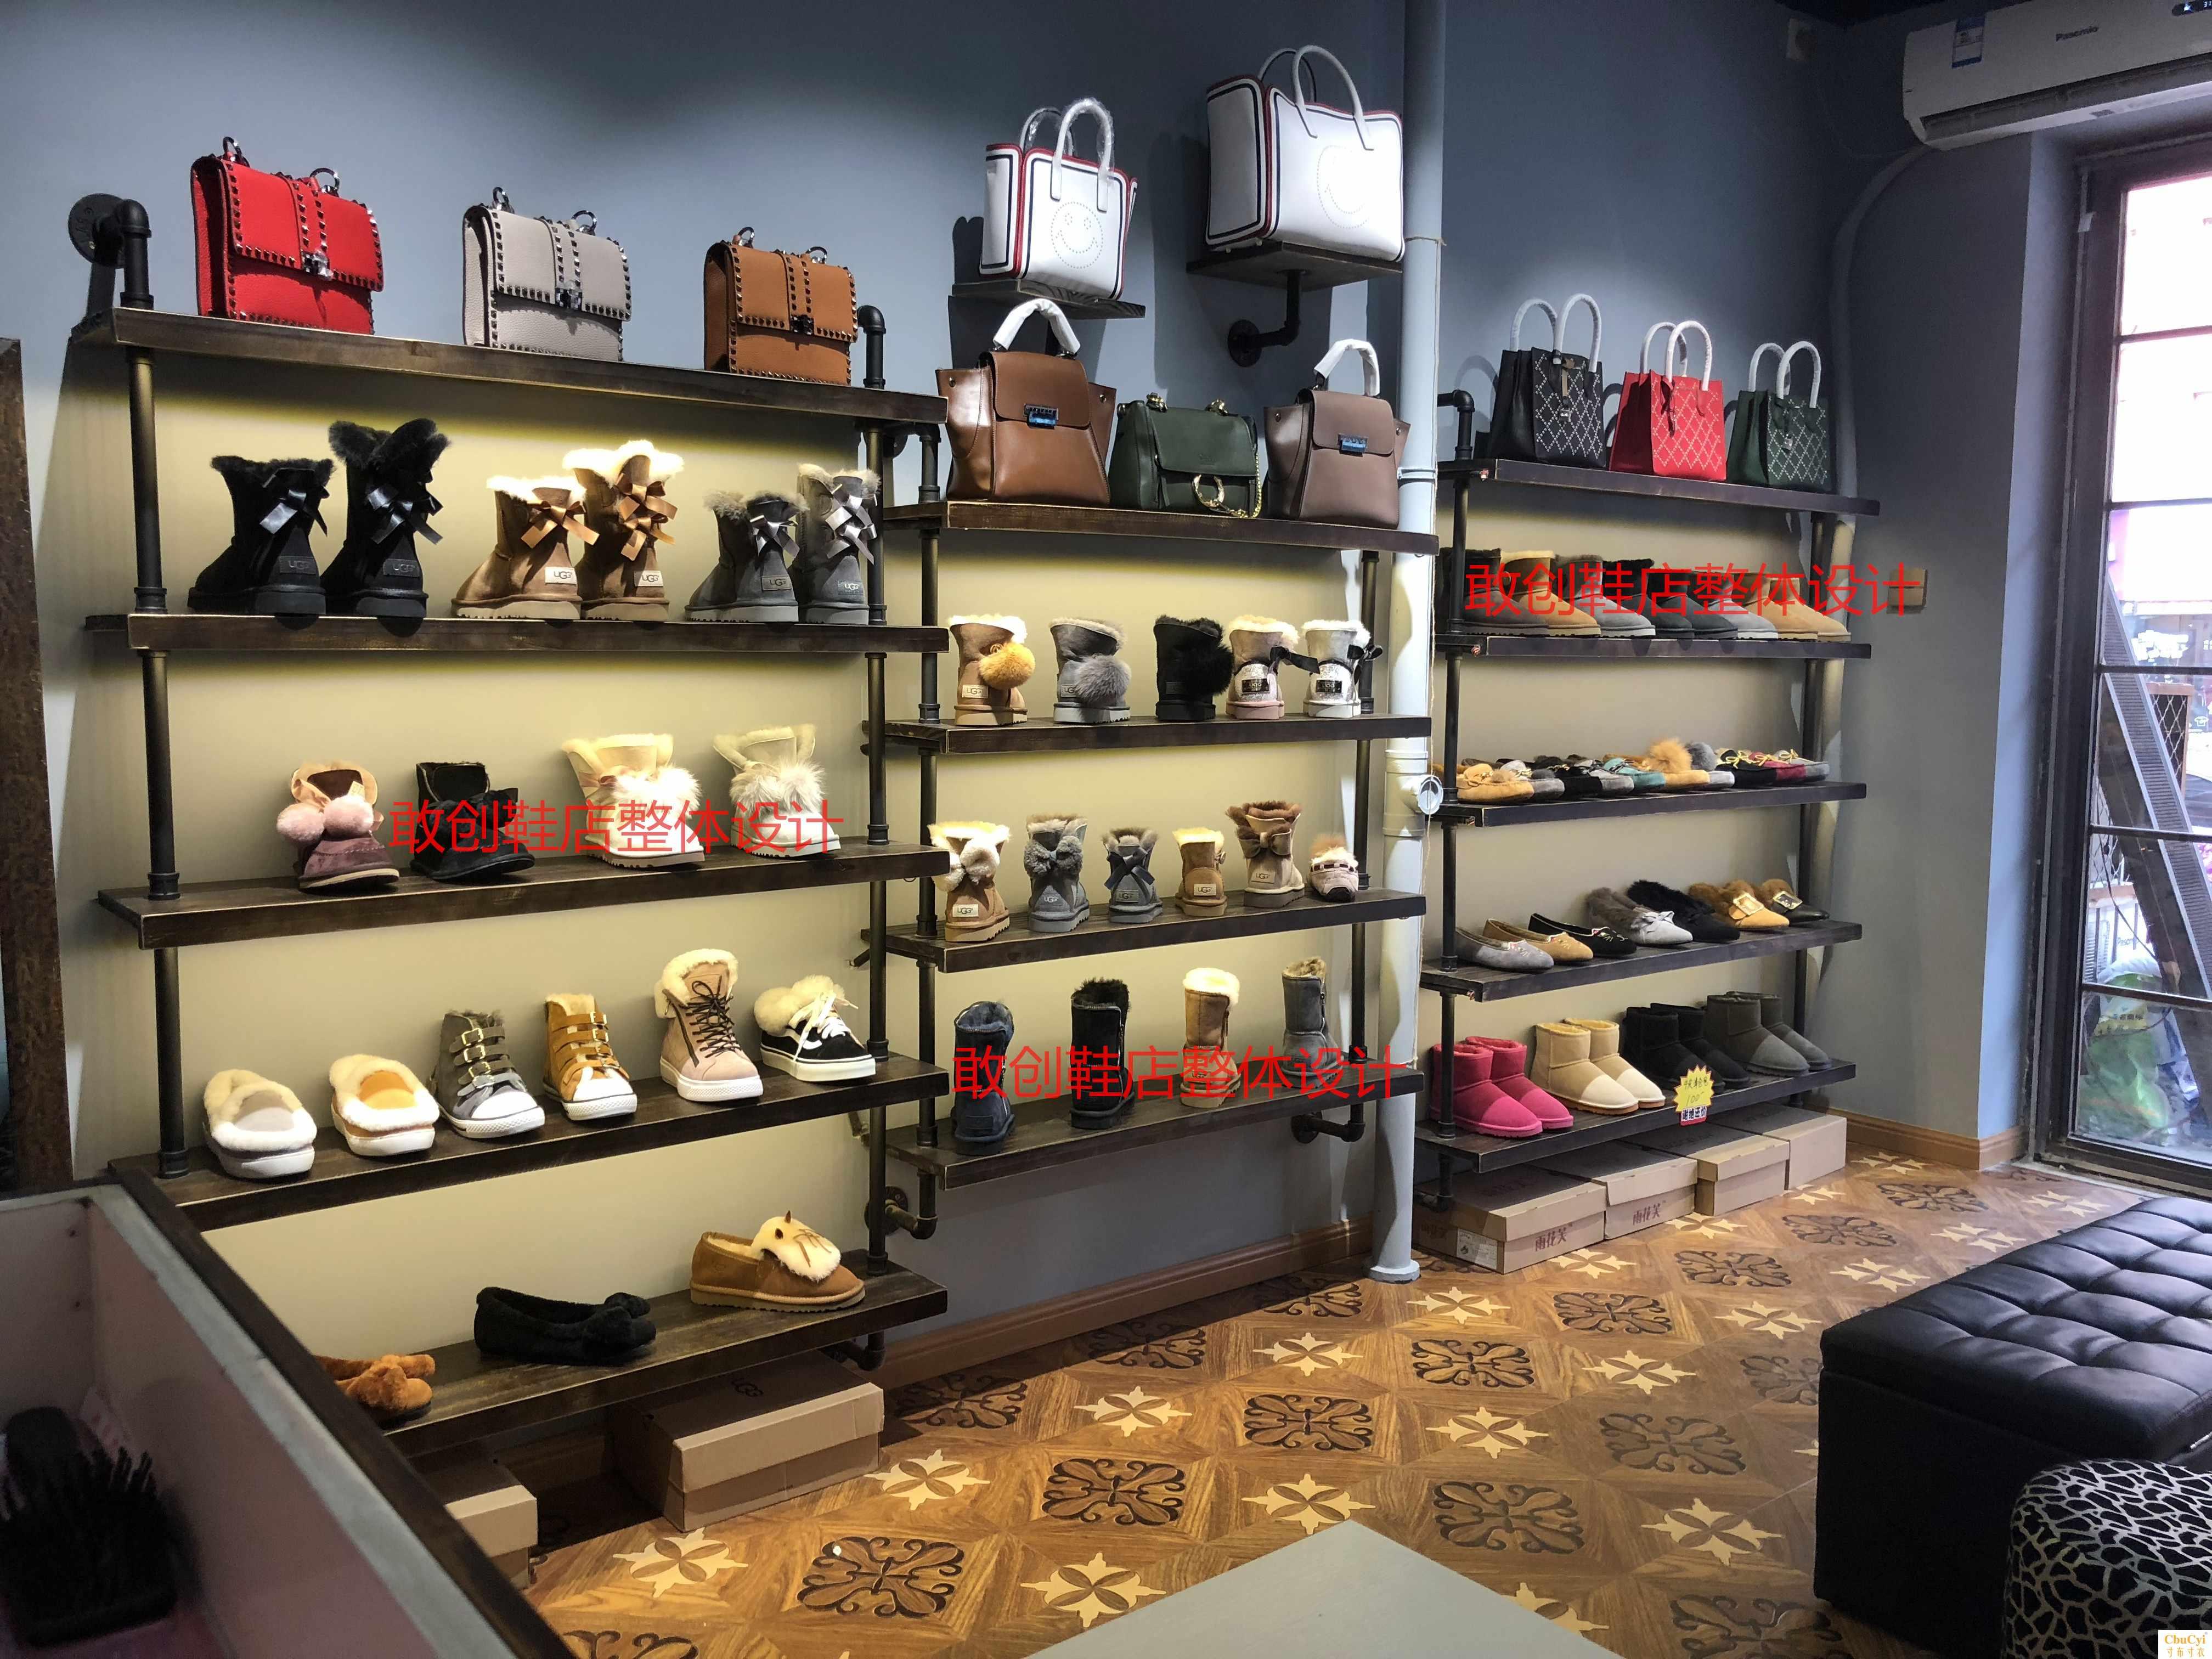 鞋店鞋架展示架复古鞋货架包包架男女鞋服装店展示架上墙实木鞋架